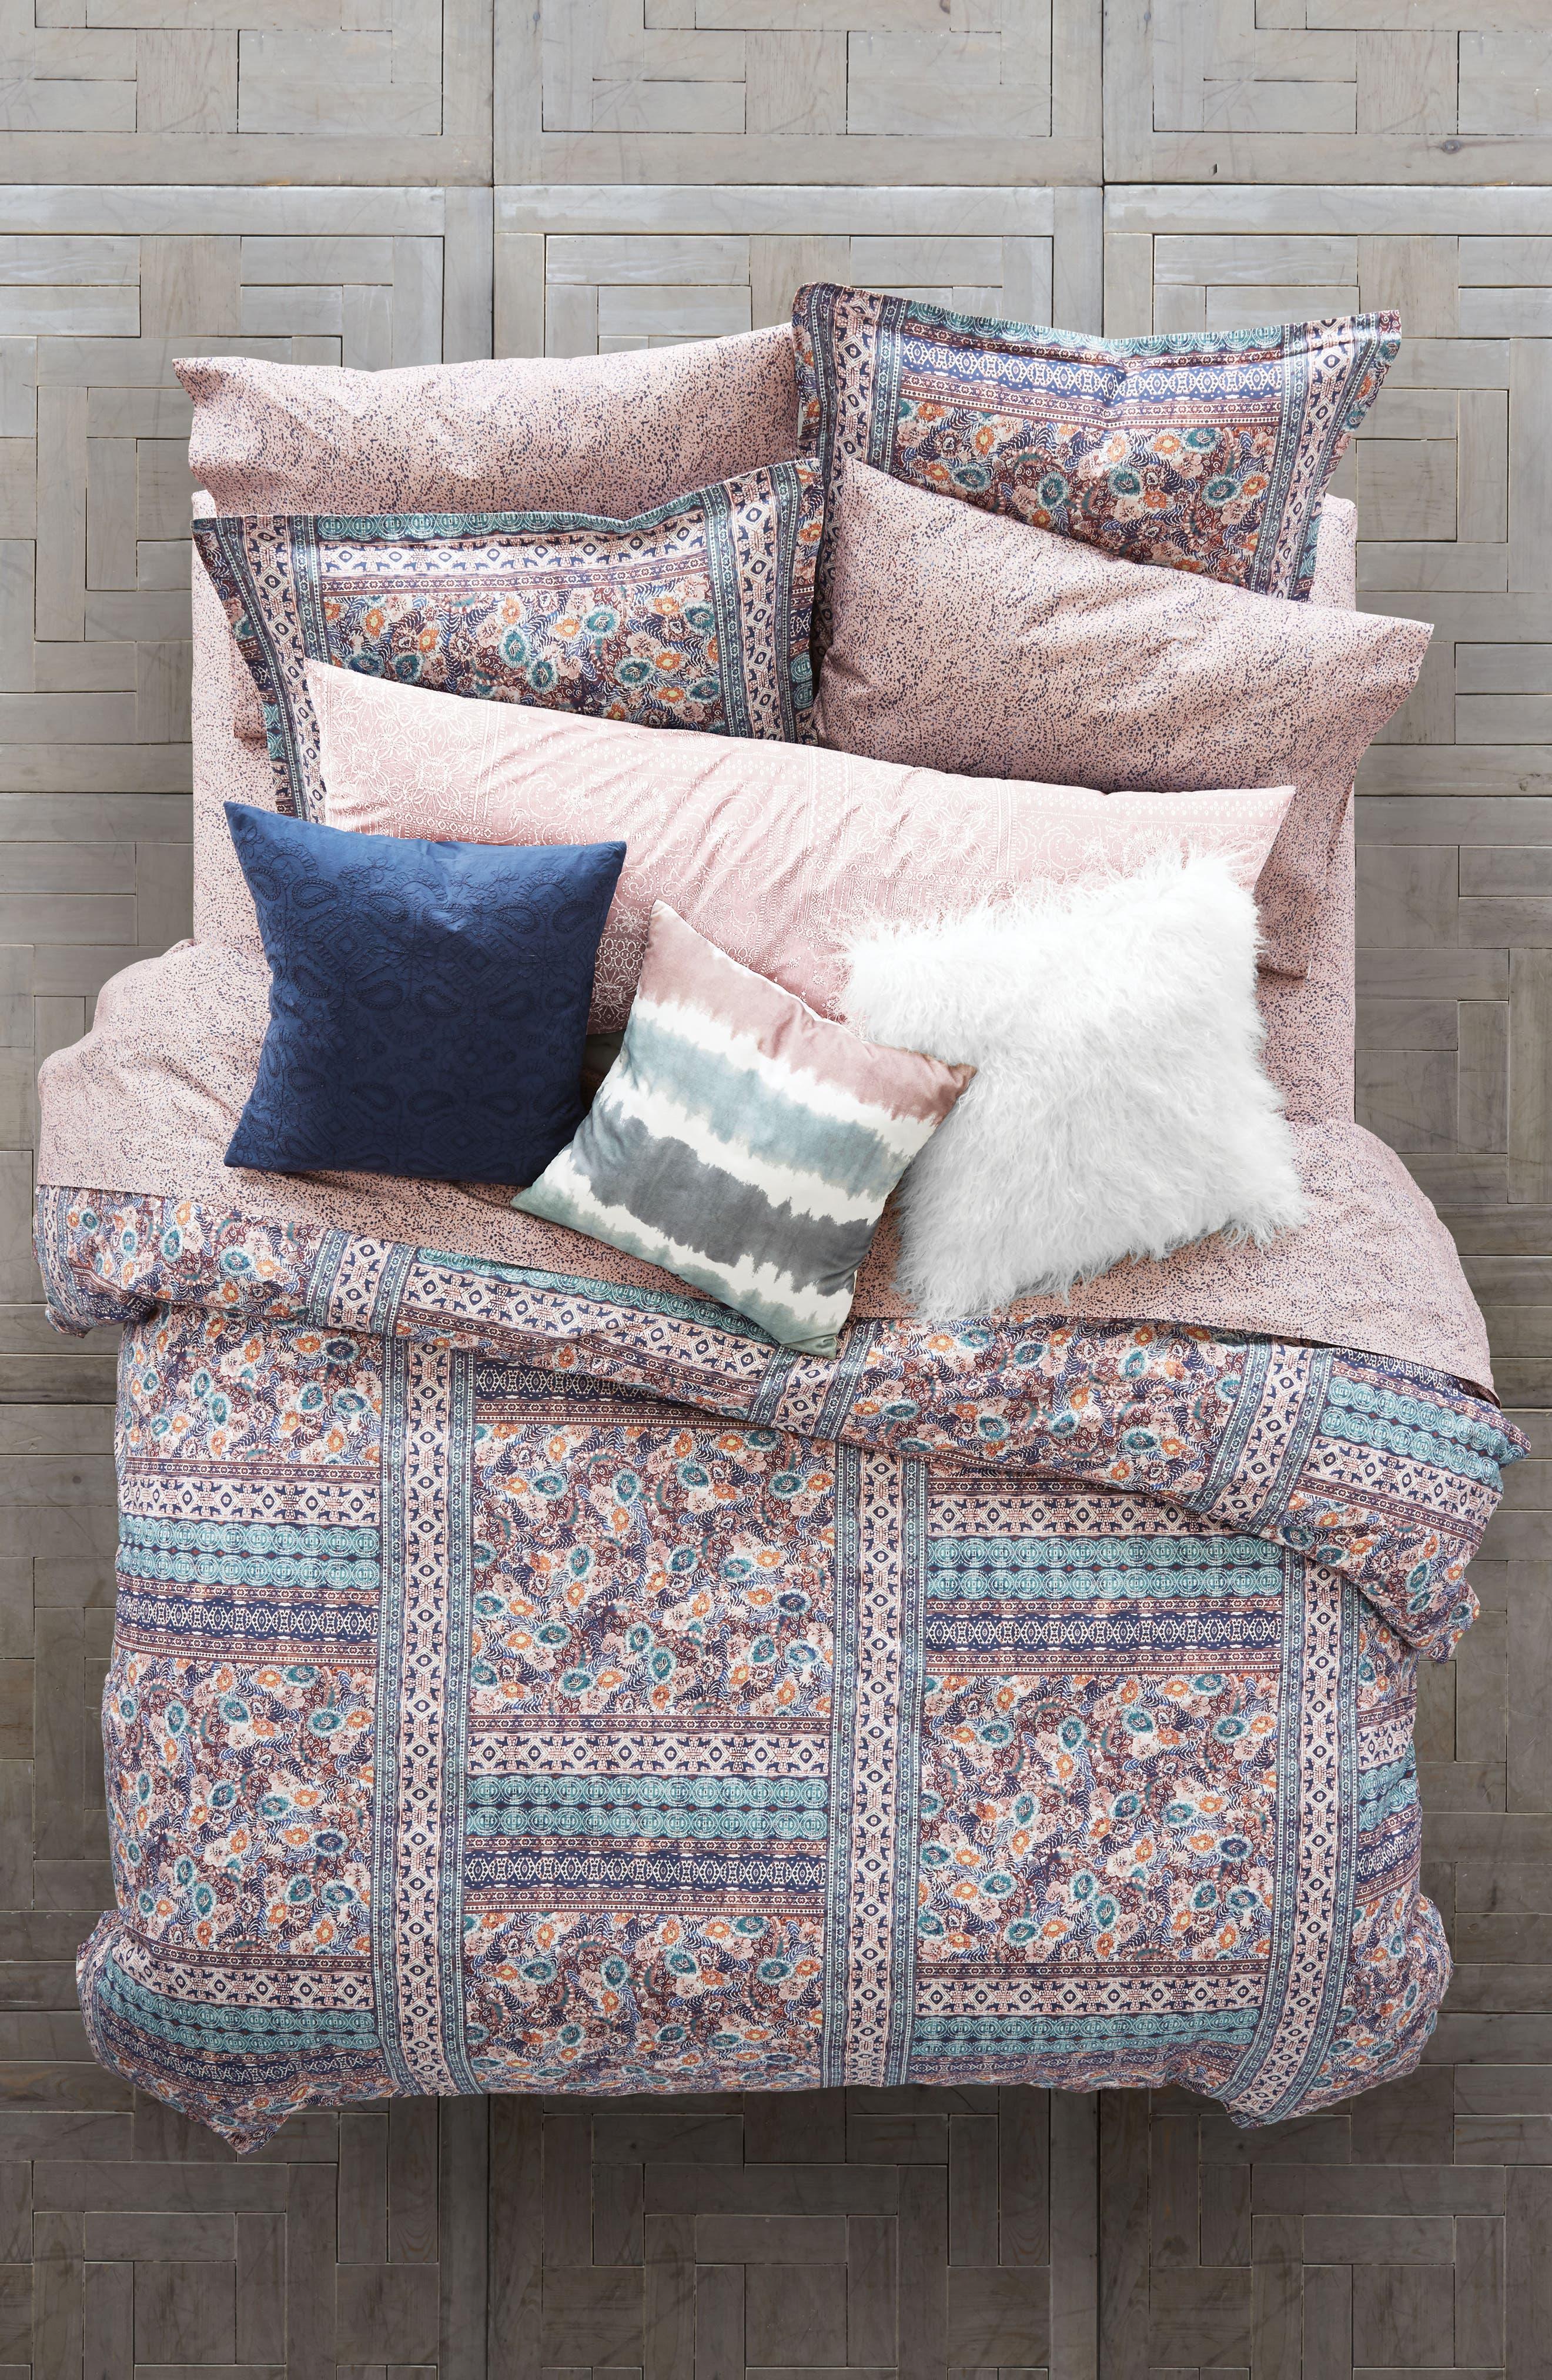 Alternate Image 1 Selected - BCBGeneration Batik Floral Comforter & Sham Set